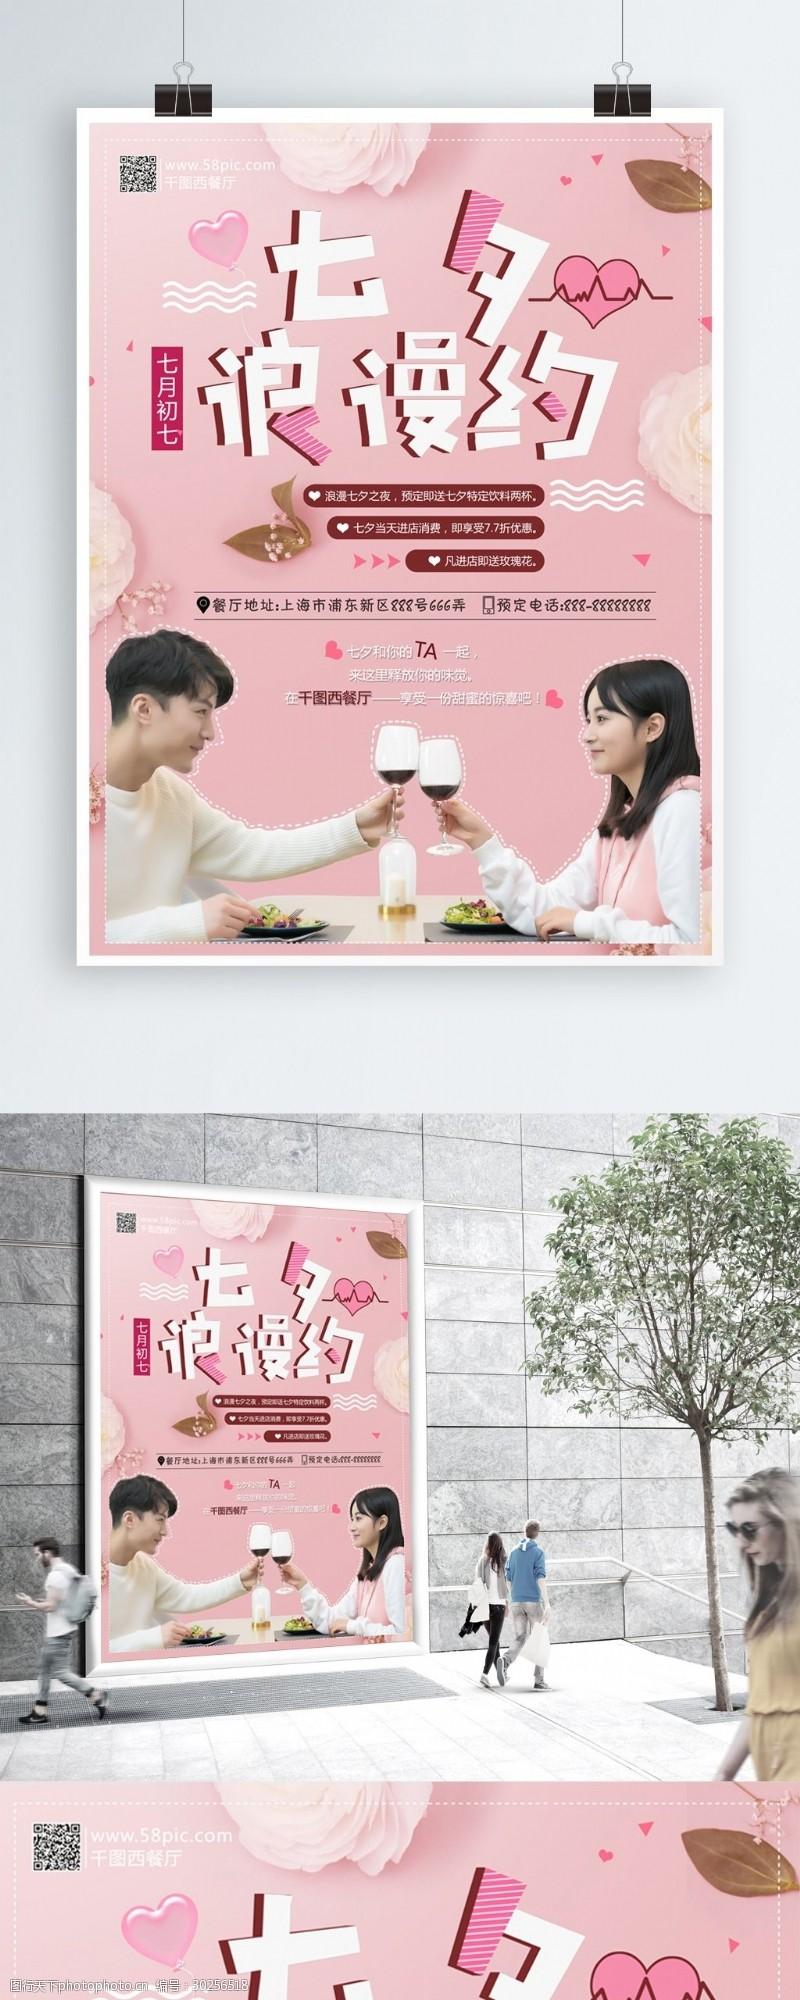 粉色海報七夕浪漫約餐廳互動